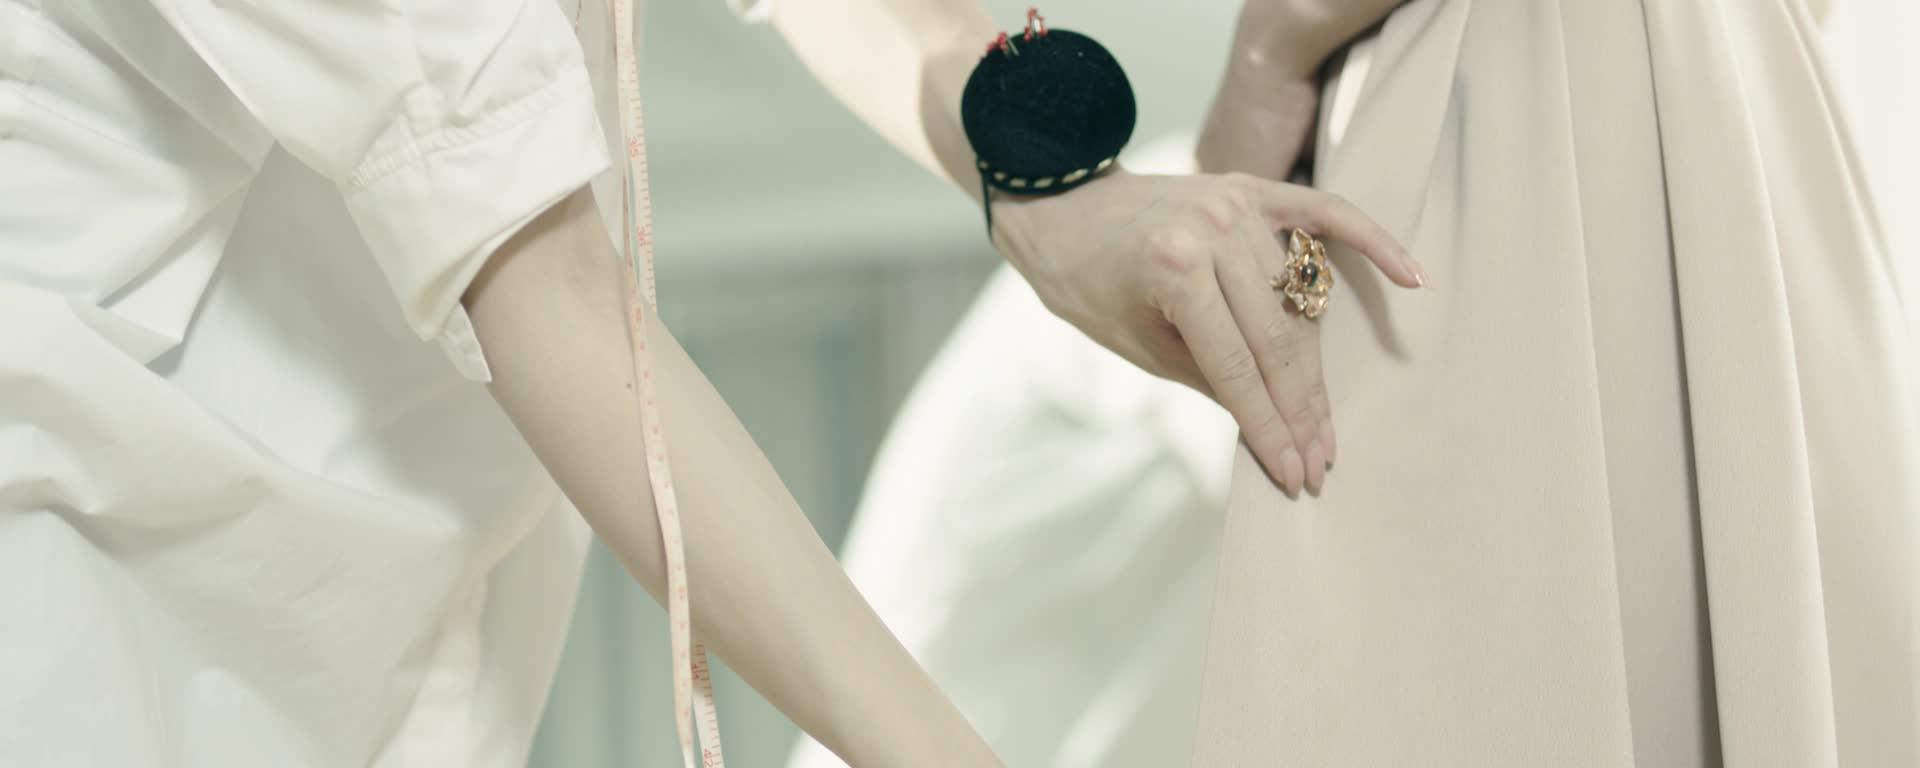 1-目标受众视频-服装设计师萧菲